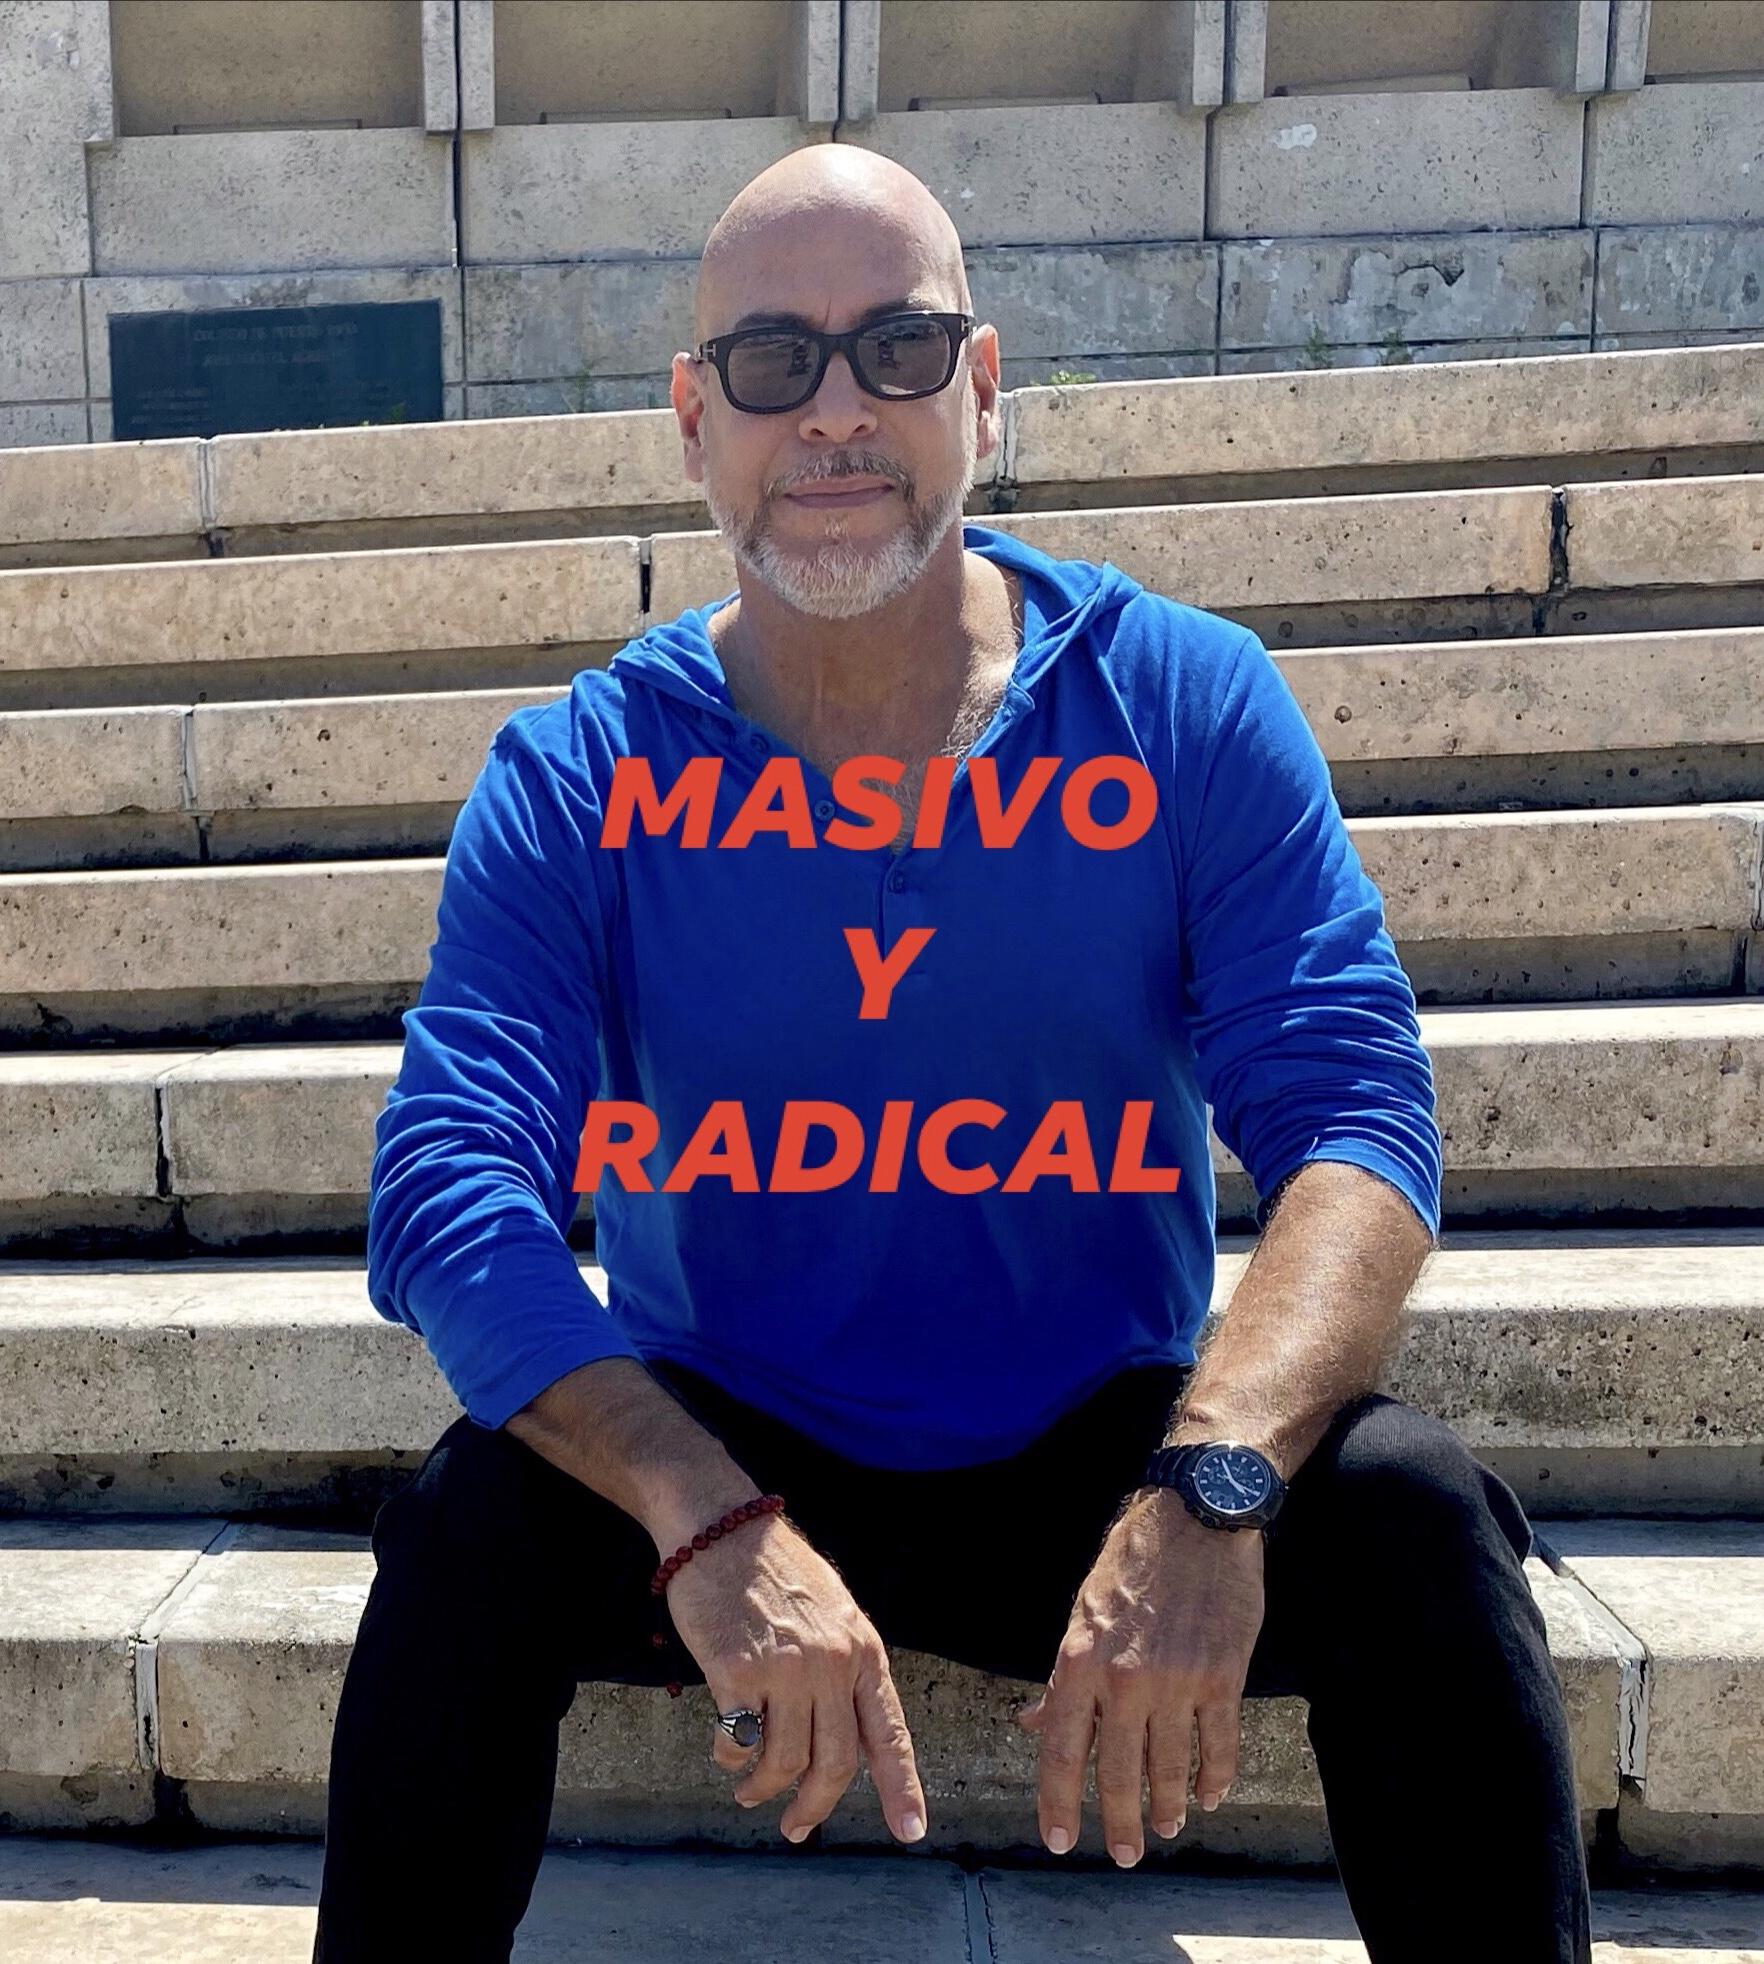 MASIVO Y RADICAL:  El cambio a través del poder de tus palabras.